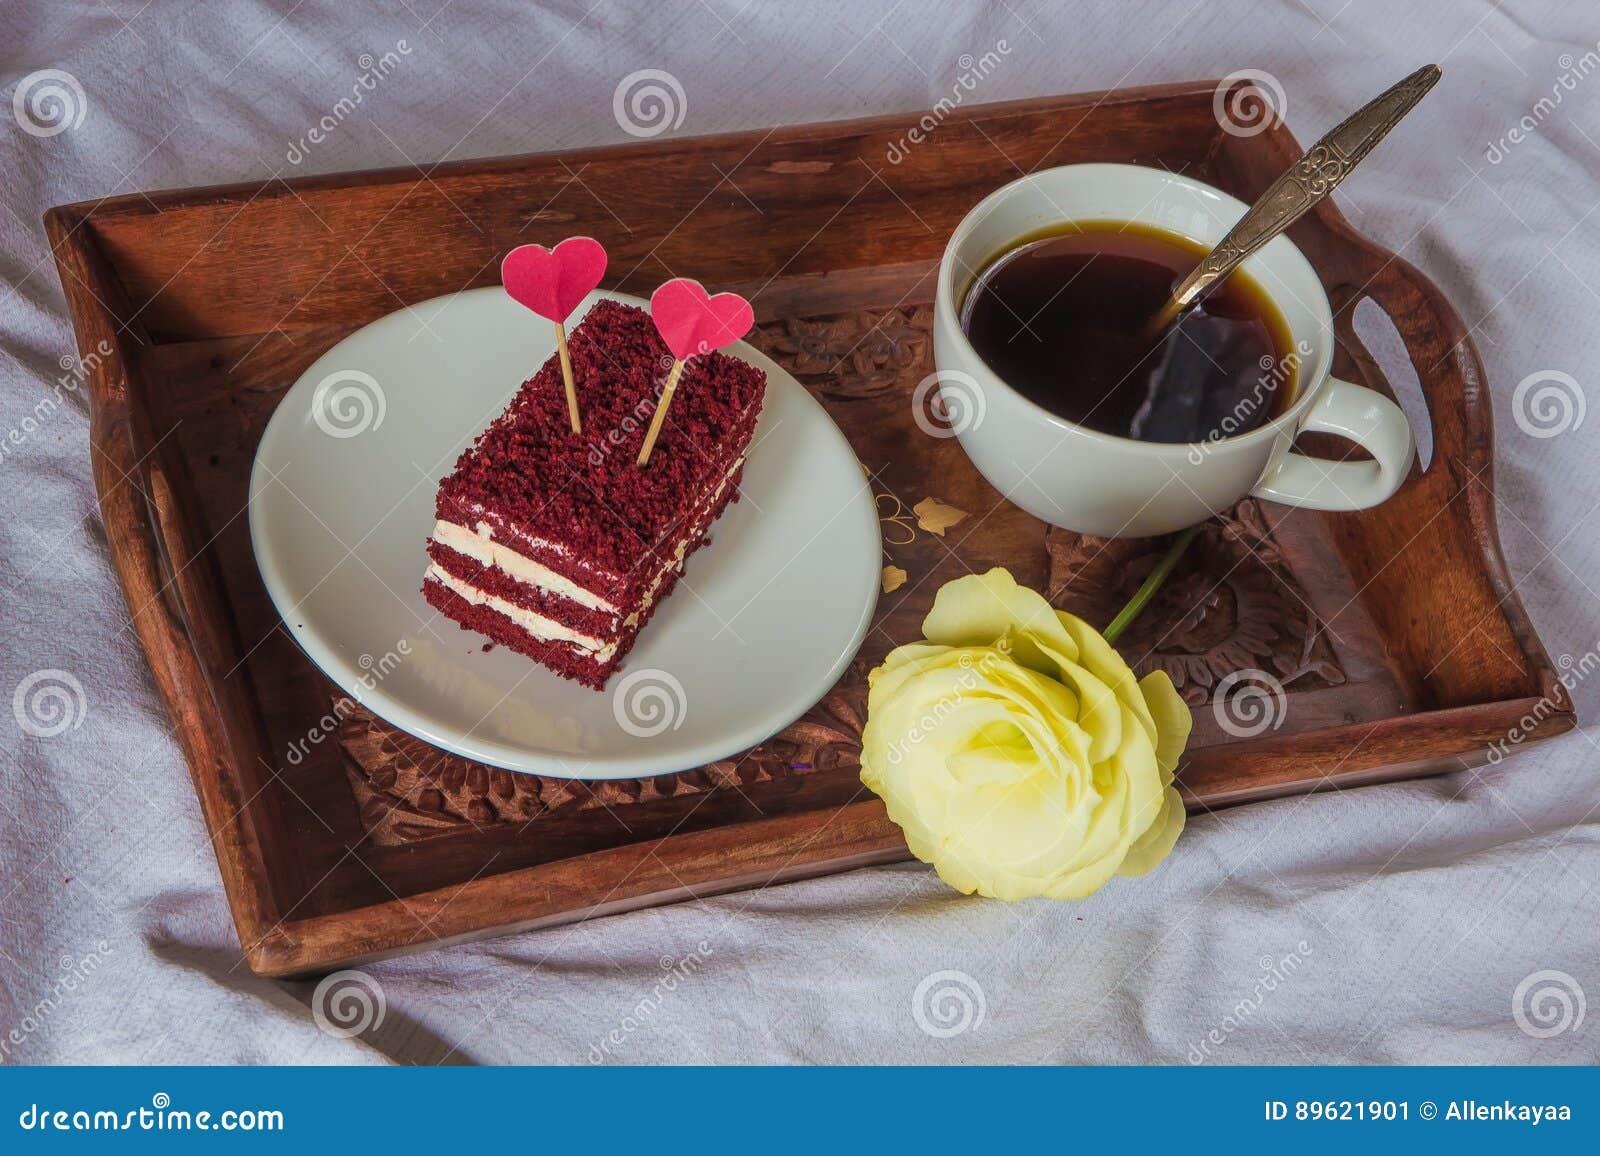 Prima colazione a letto tazza caff rosso velluto - Colazione a letto immagini ...